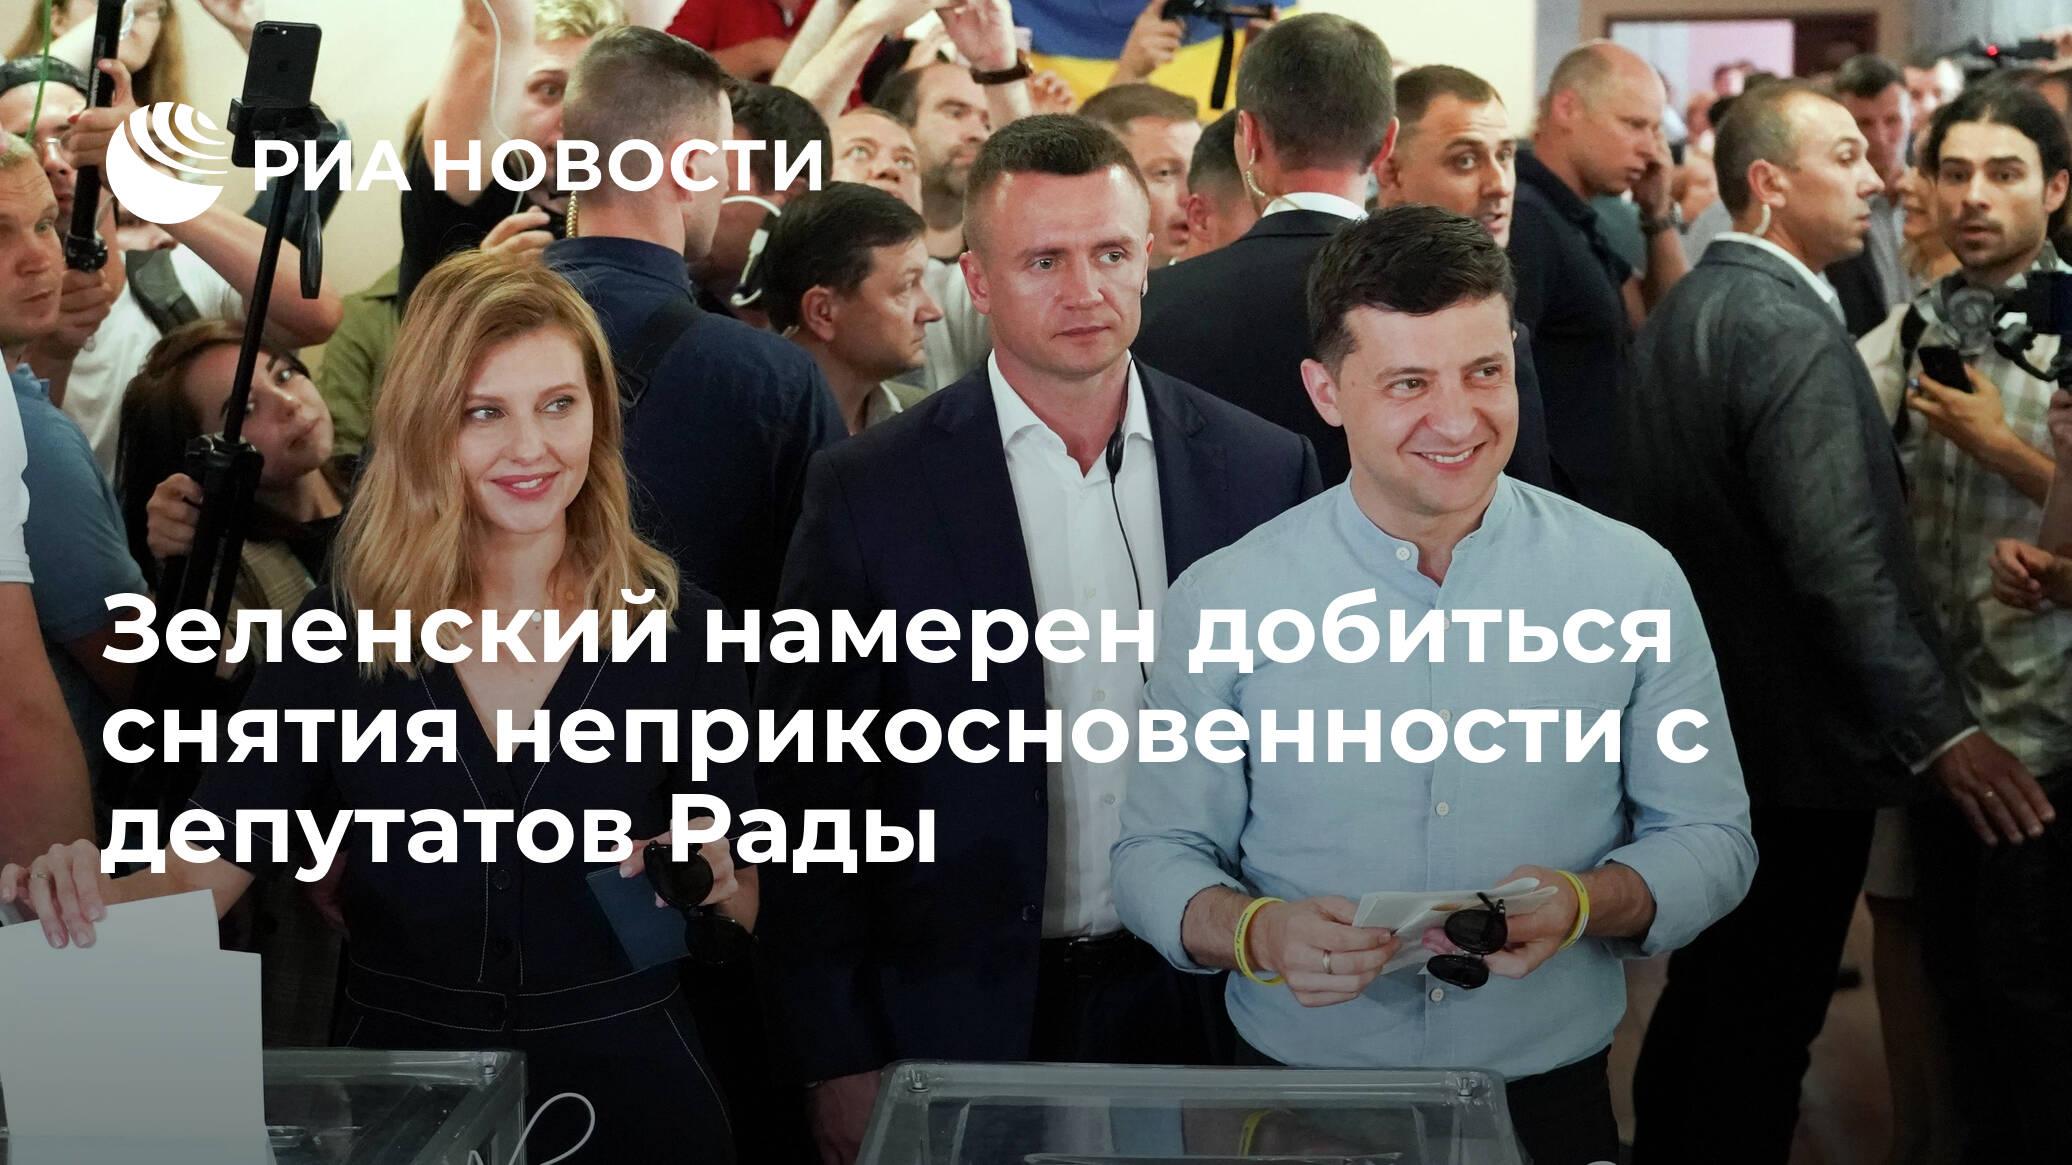 Зеленский намерен добиться снятия неприкосновенности с депутатов Рады